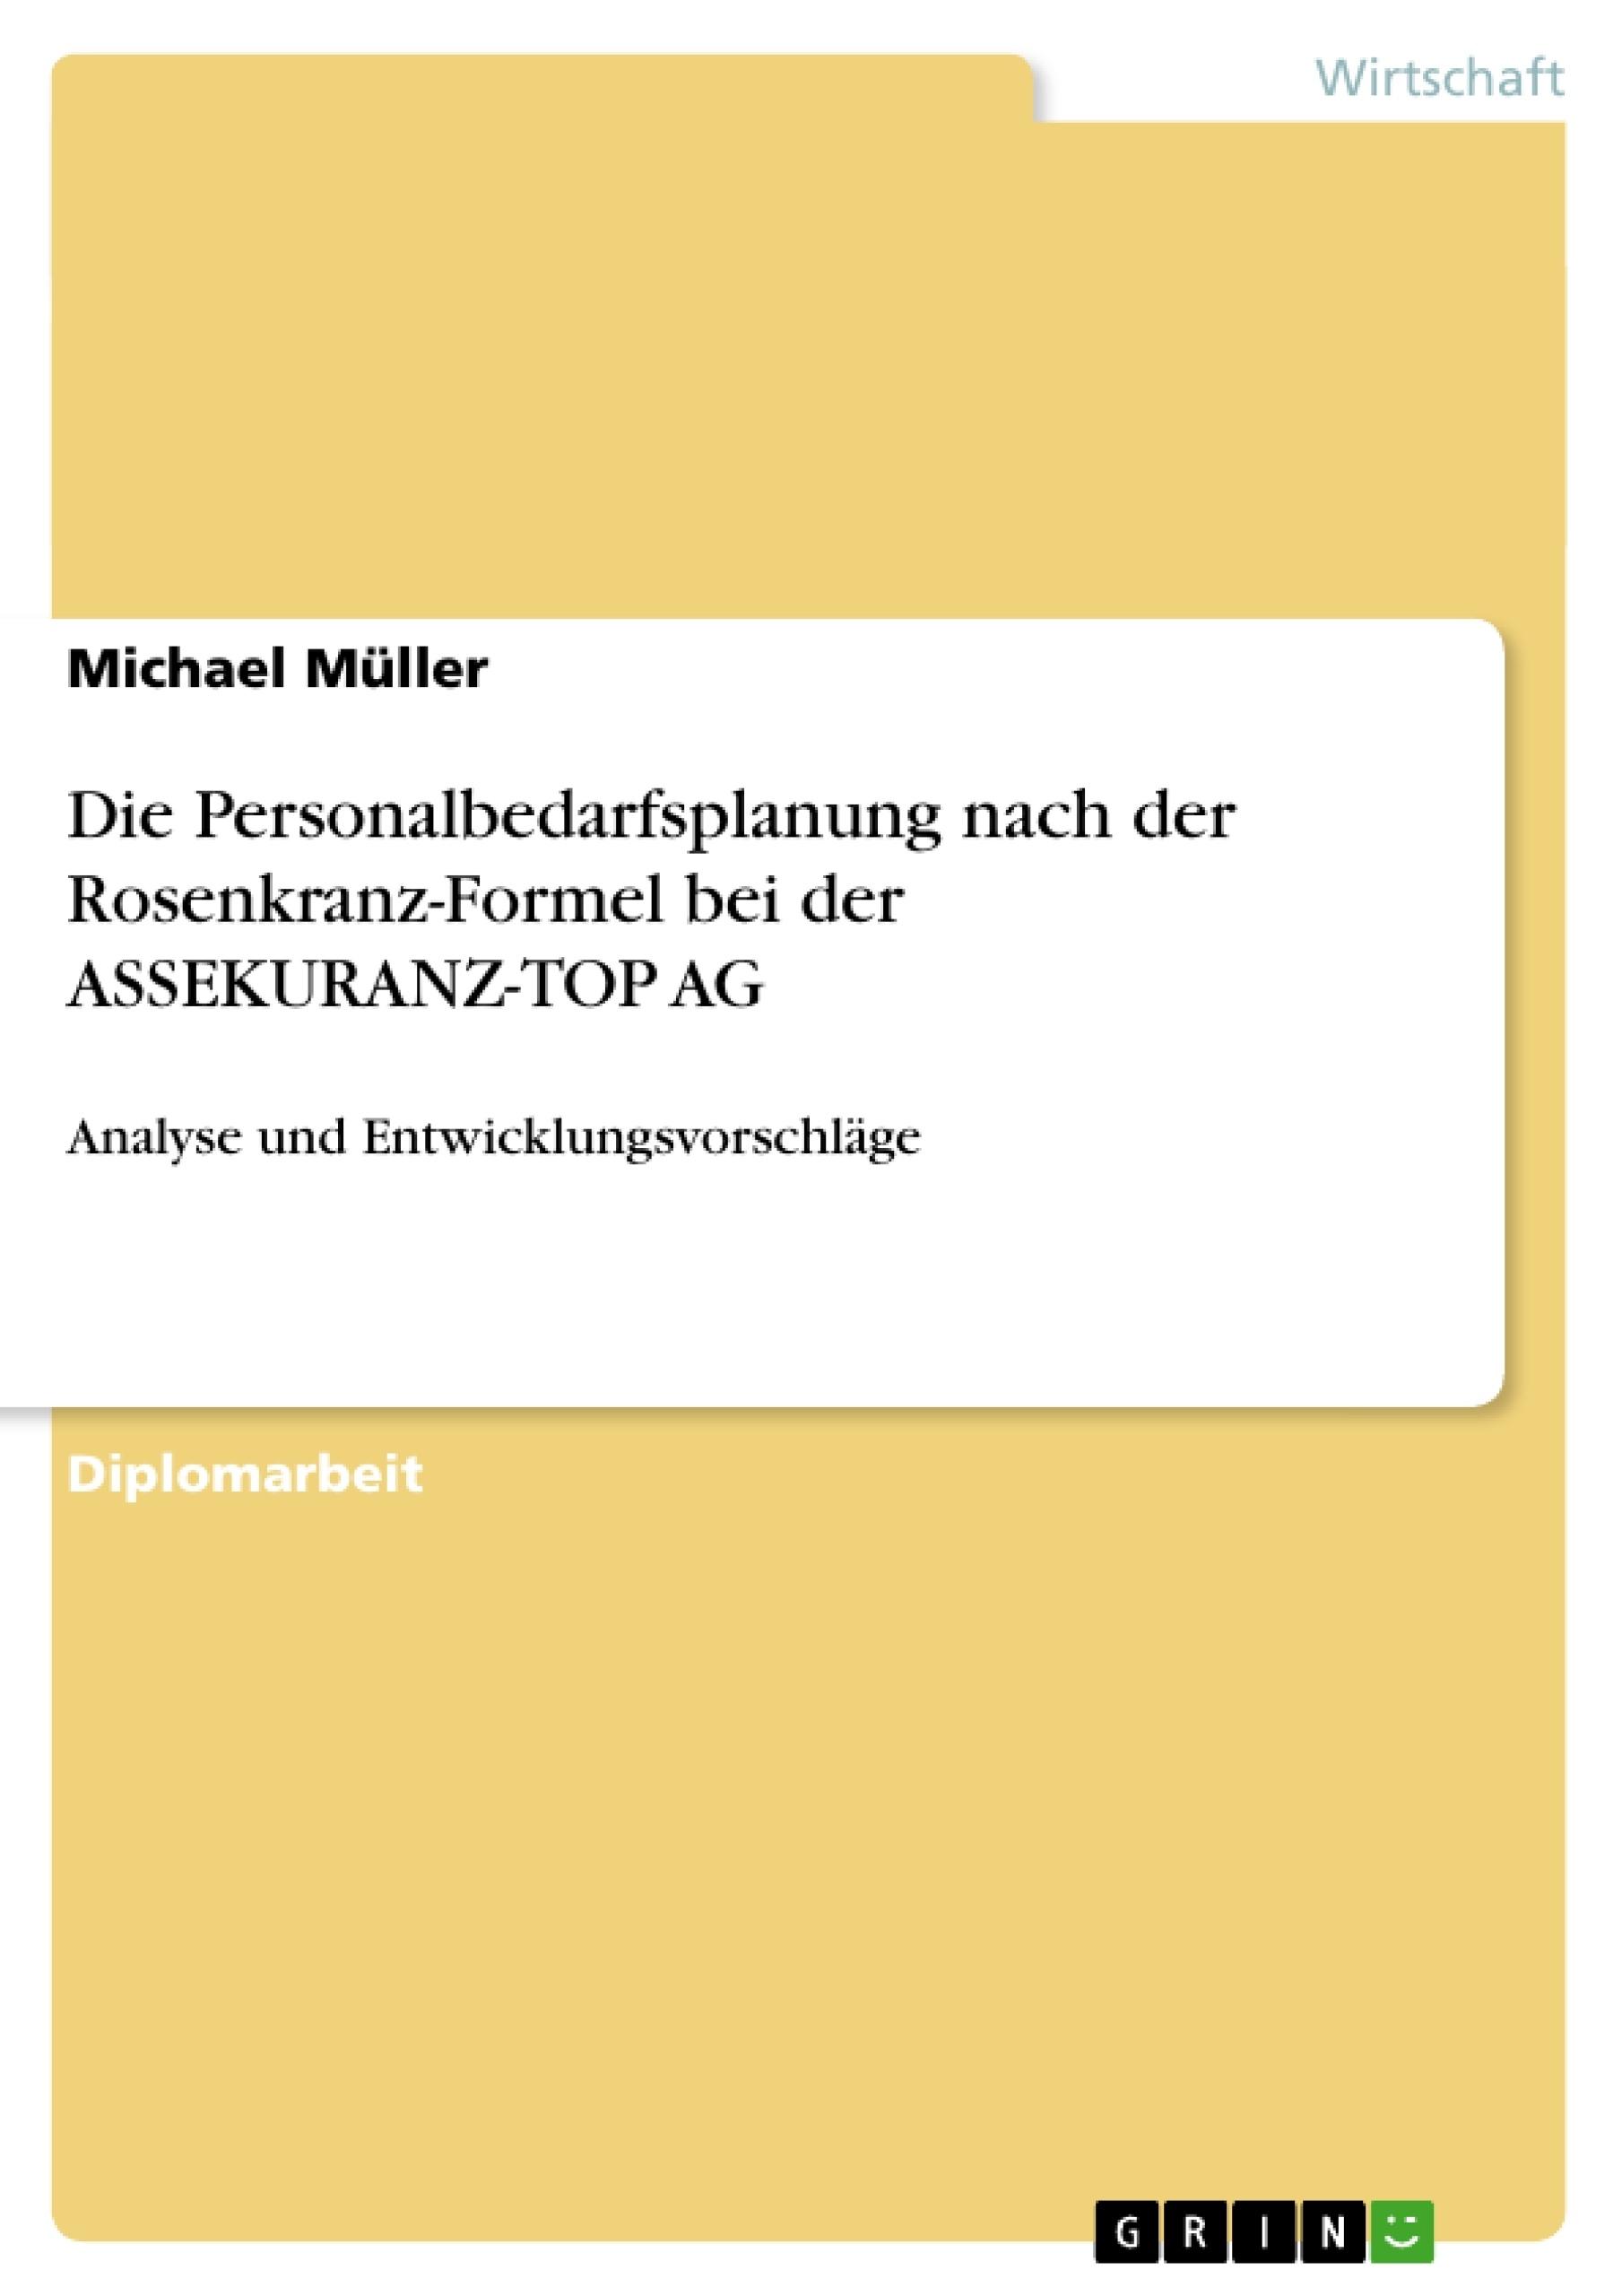 Titel: Die Personalbedarfsplanung nach der Rosenkranz-Formel bei der ASSEKURANZ-TOP AG